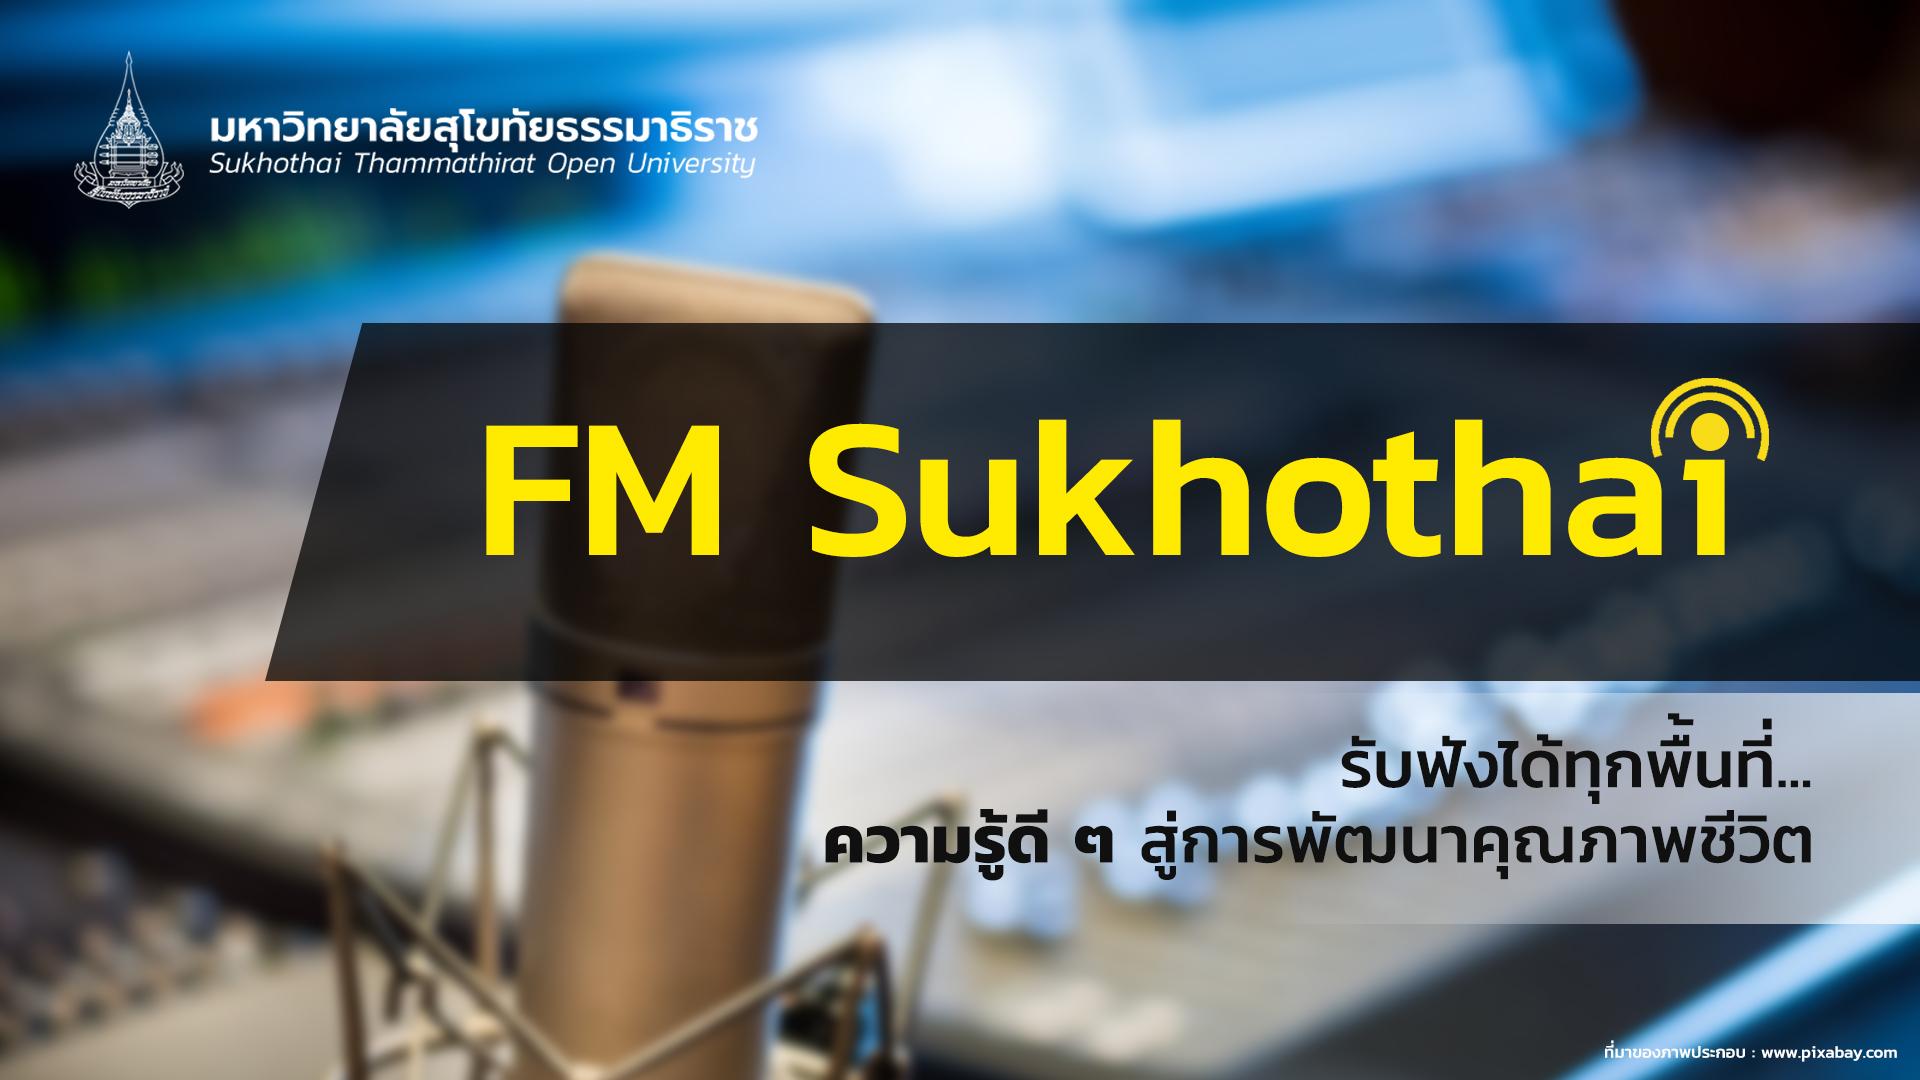 32310 ตลาดการเงิน สถาบัน และนโยบายการเงิน รายการที่ 1